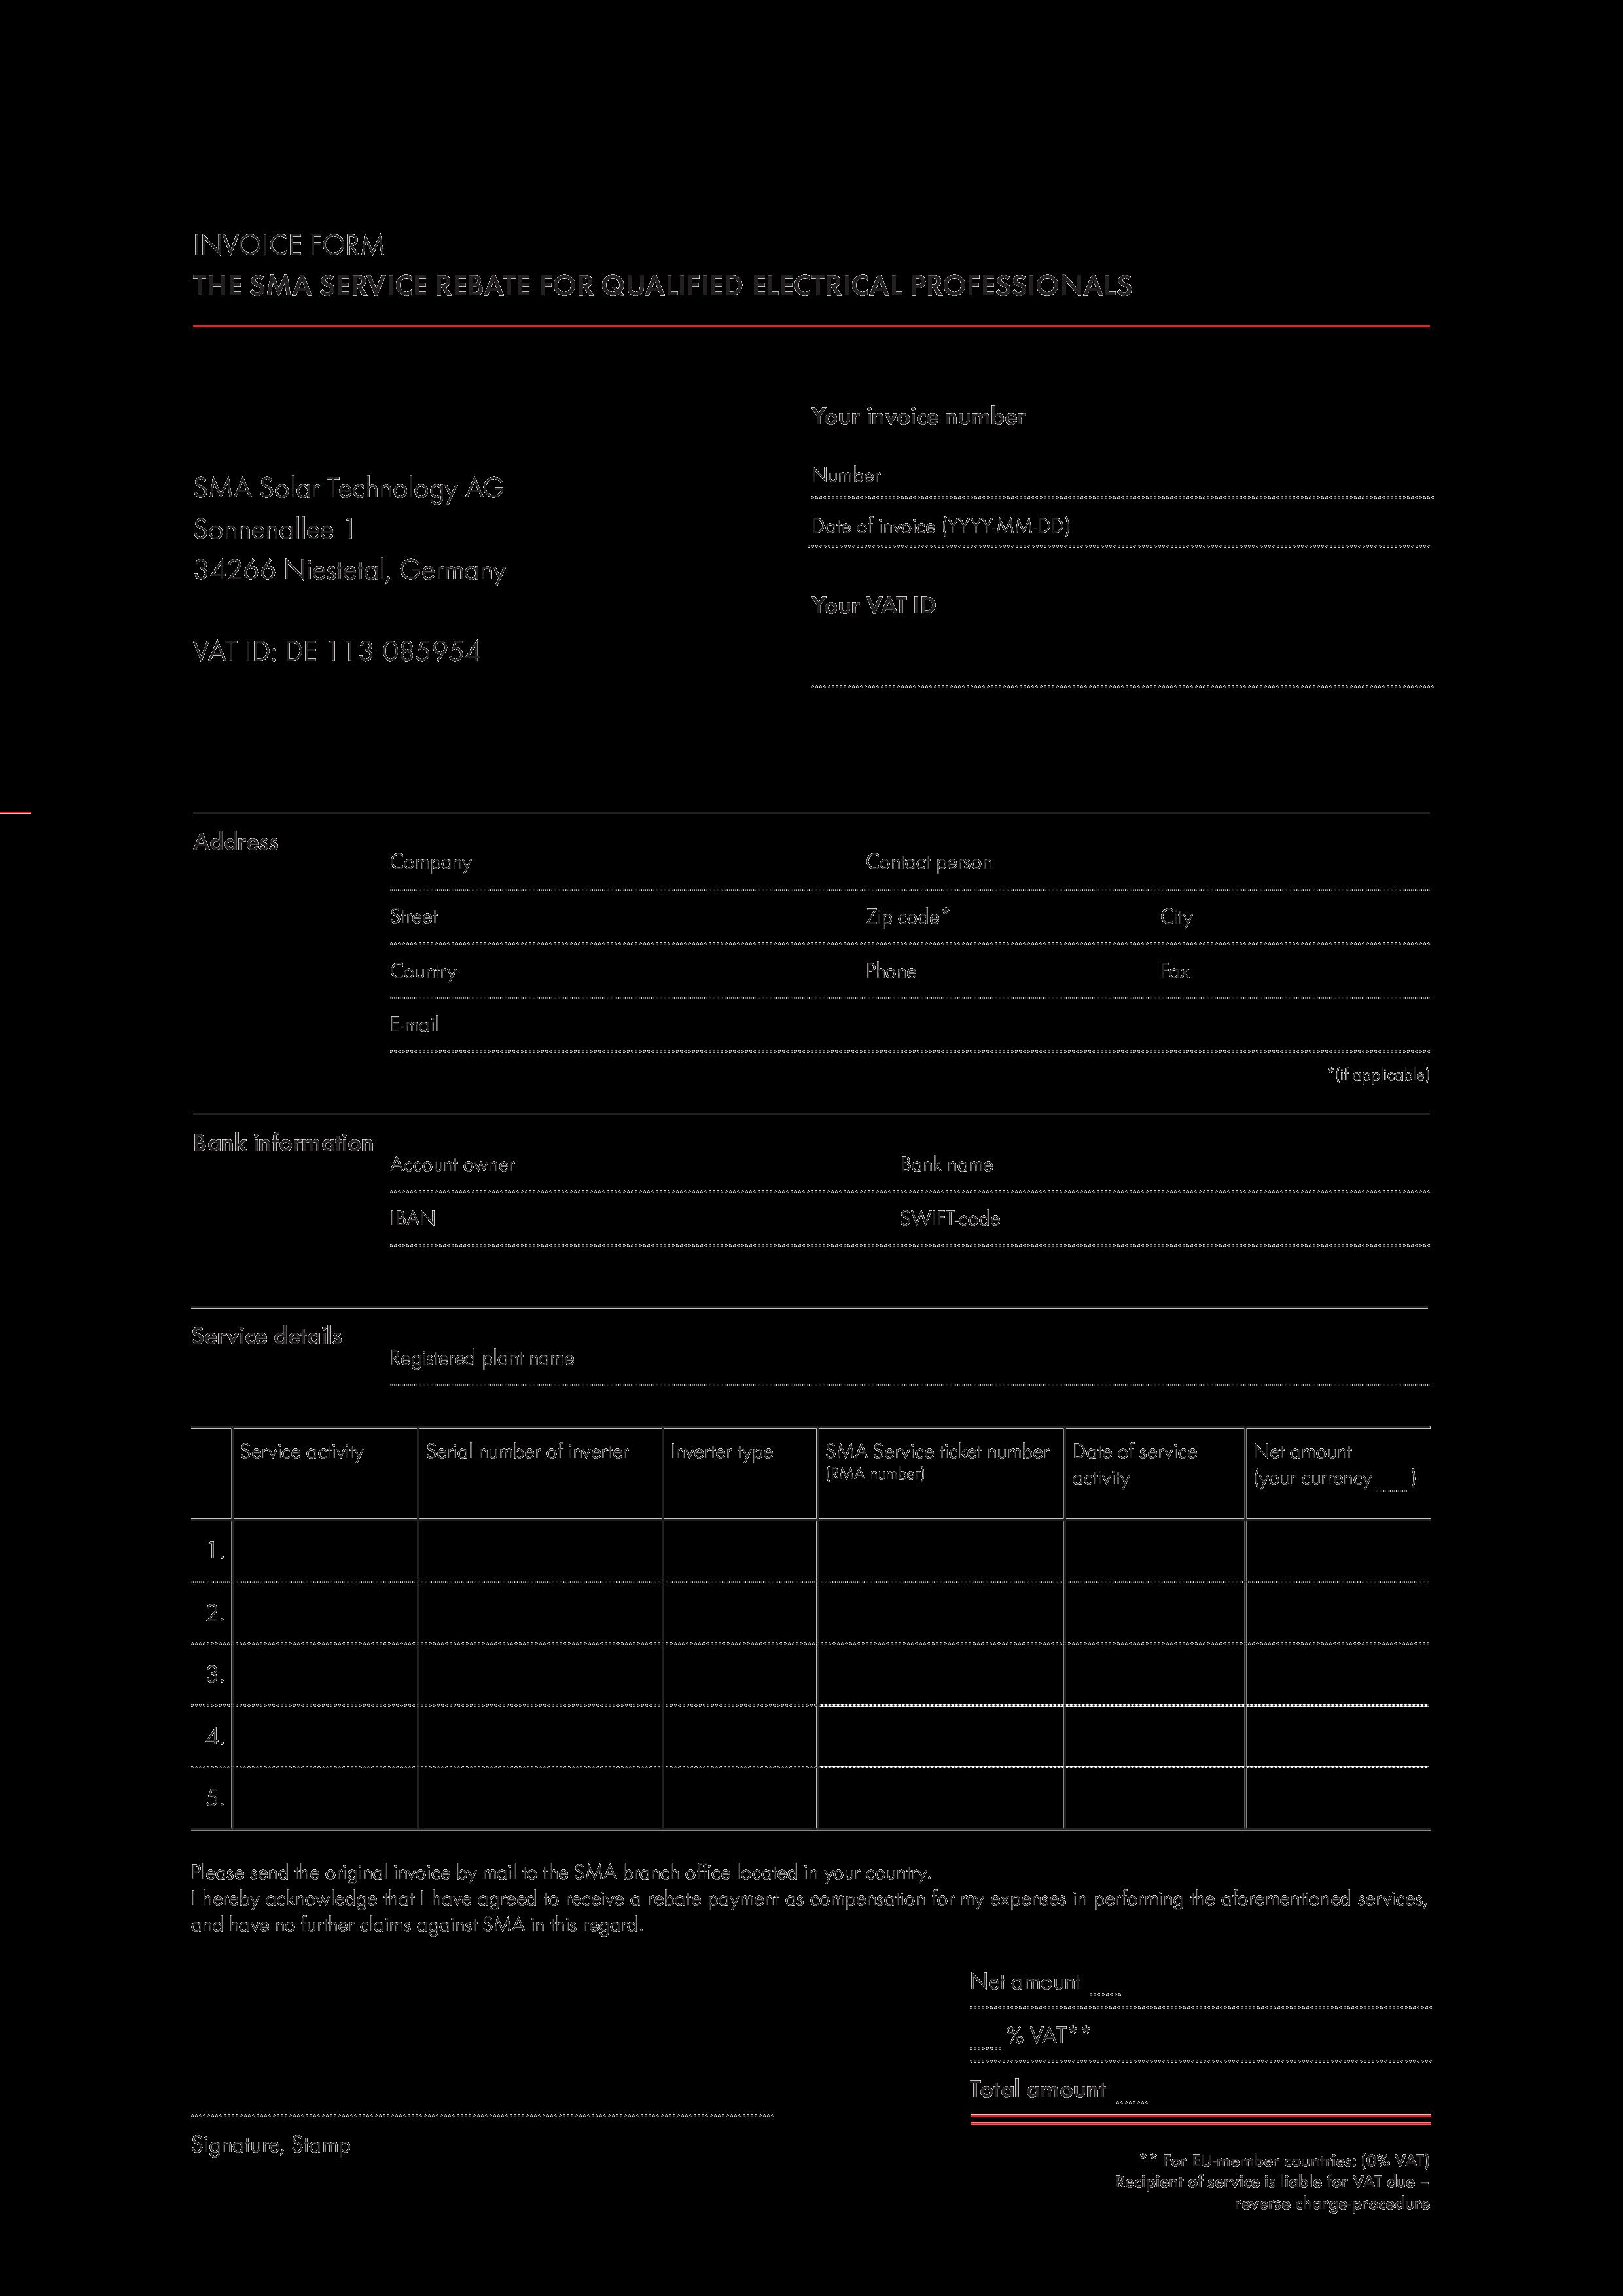 Invoice Form Templates At Allbusinesstemplates Com